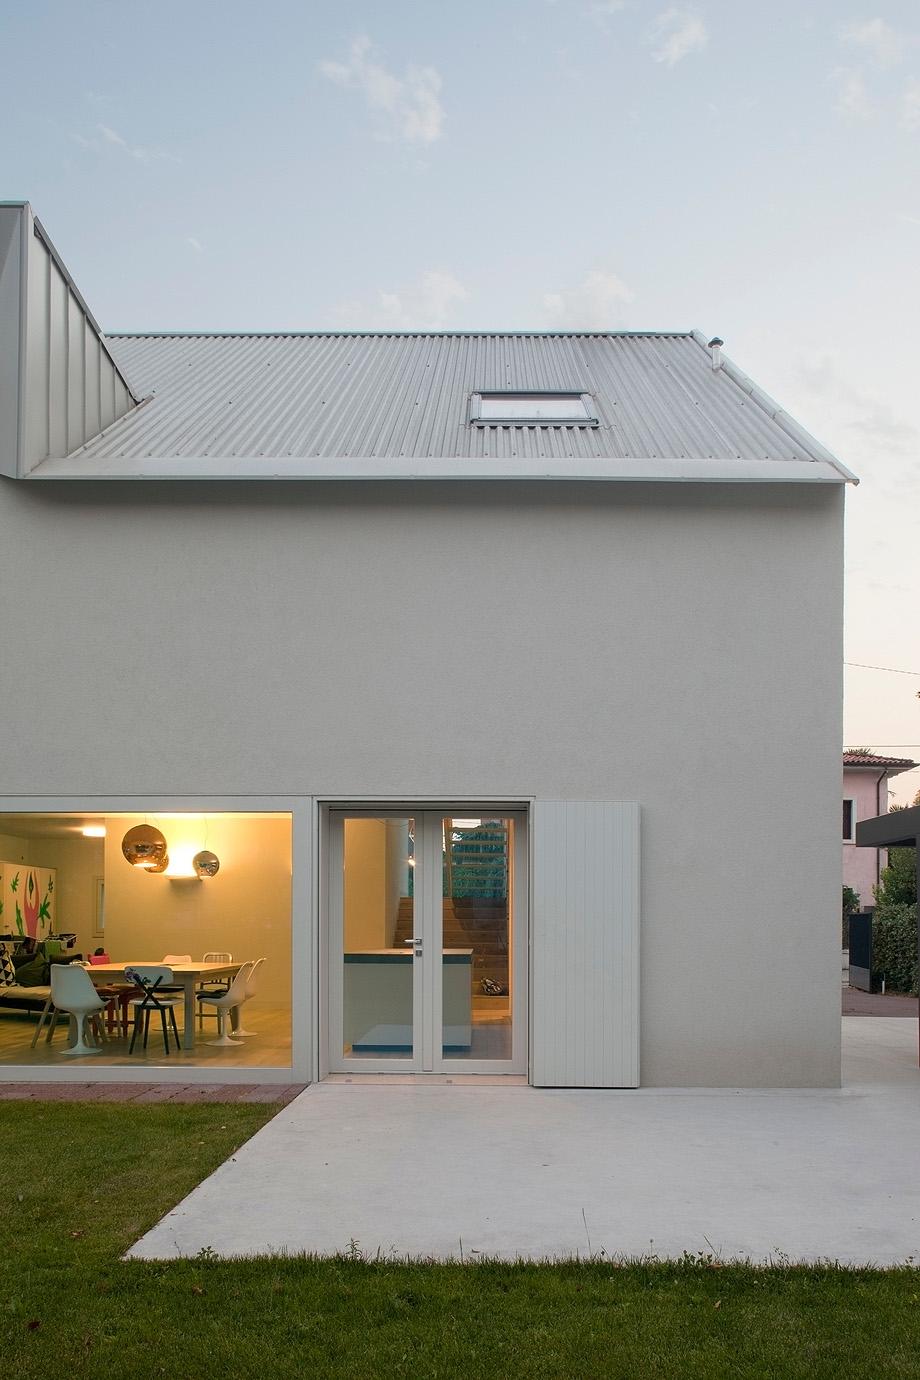 casa en pordenone de corde architetti associati - alessandra bello (20)